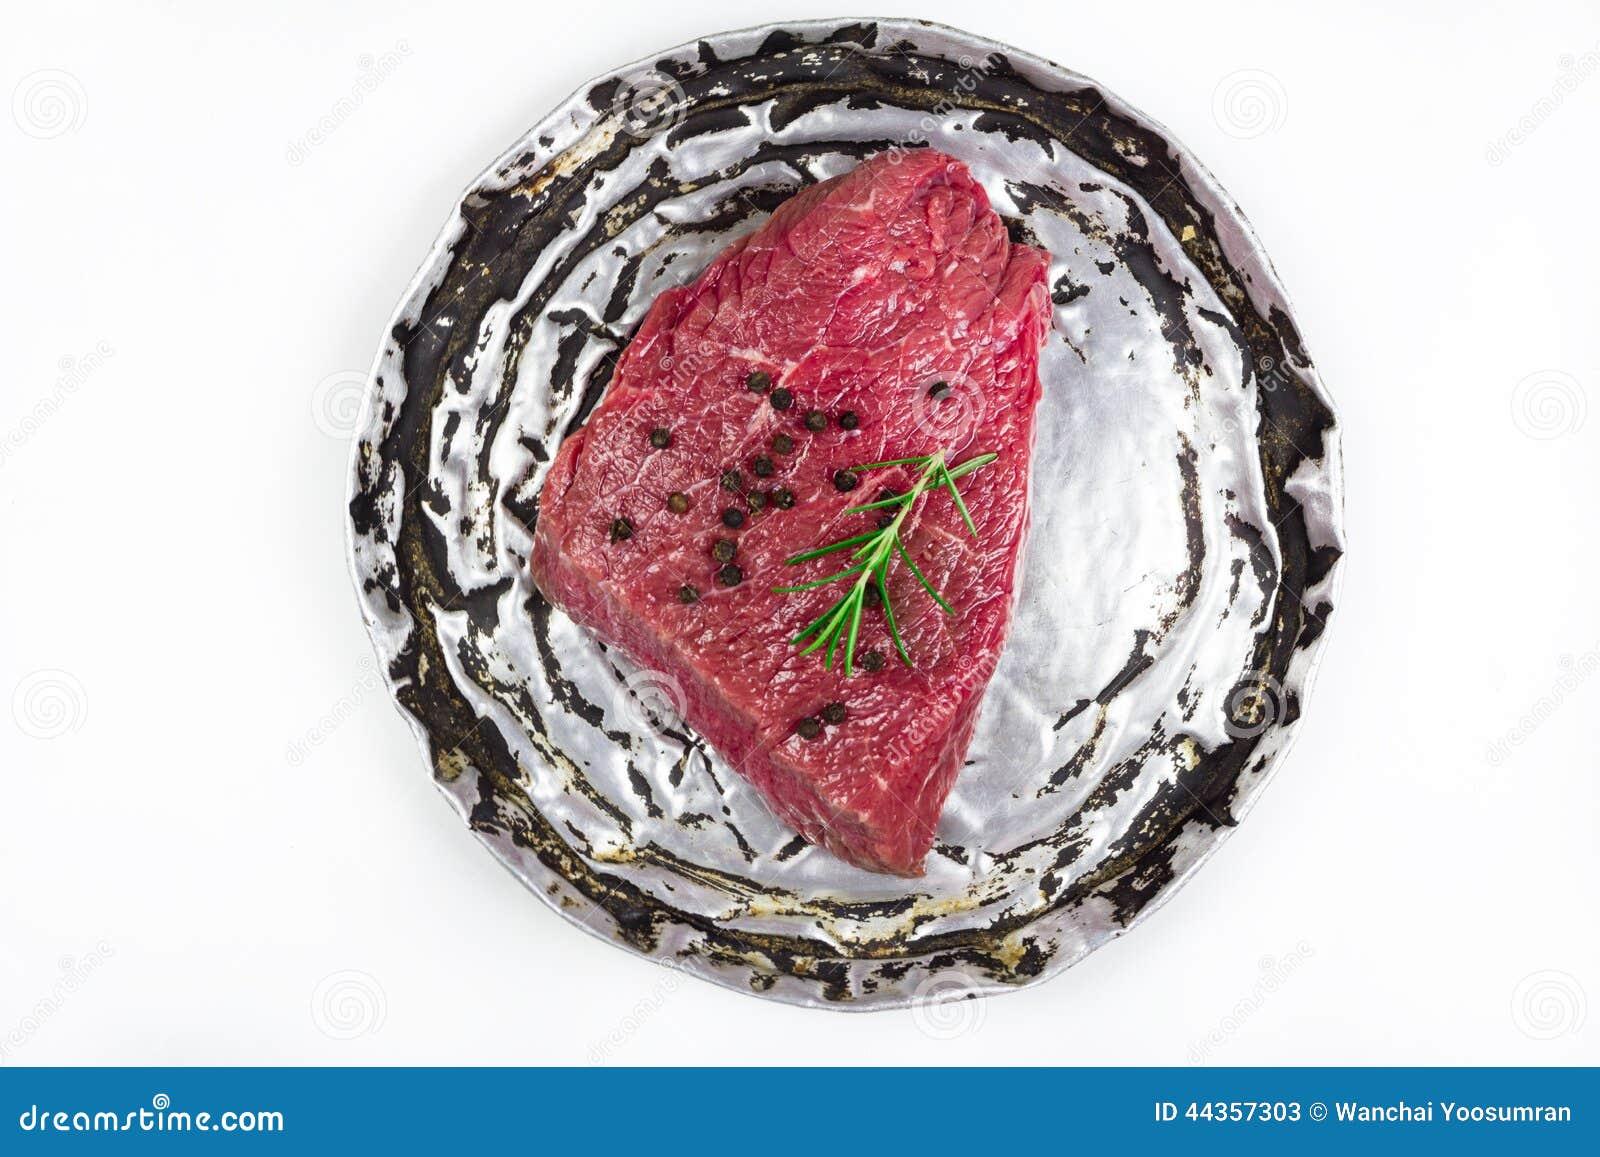 Bistecca di manzo cruda sul vecchio piatto